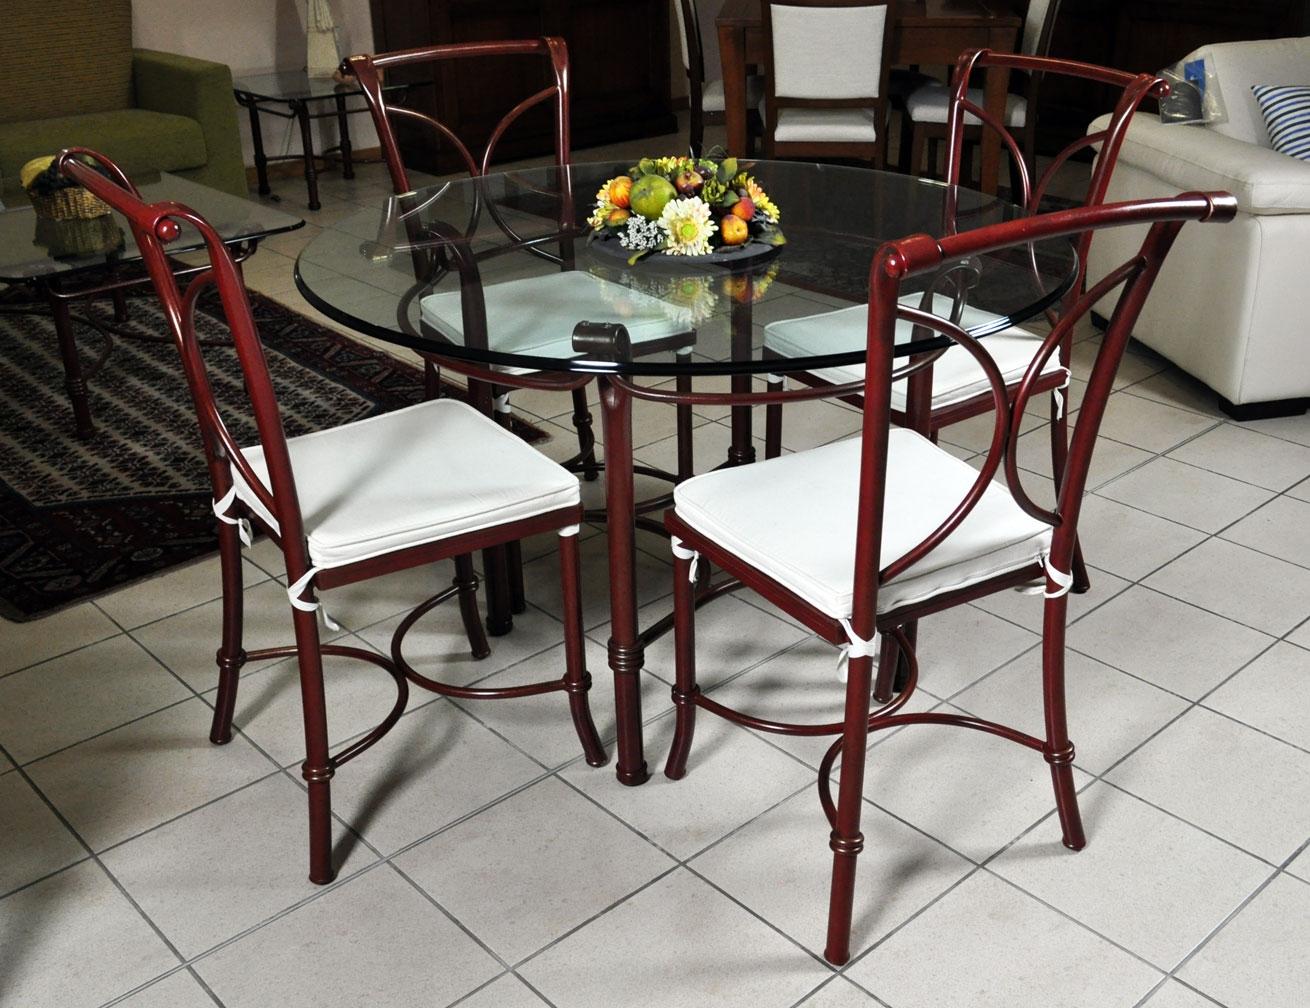 Tavoli da pranzo in vetro e ferro battuto idee creative - Tavoli da pranzo in vetro ...